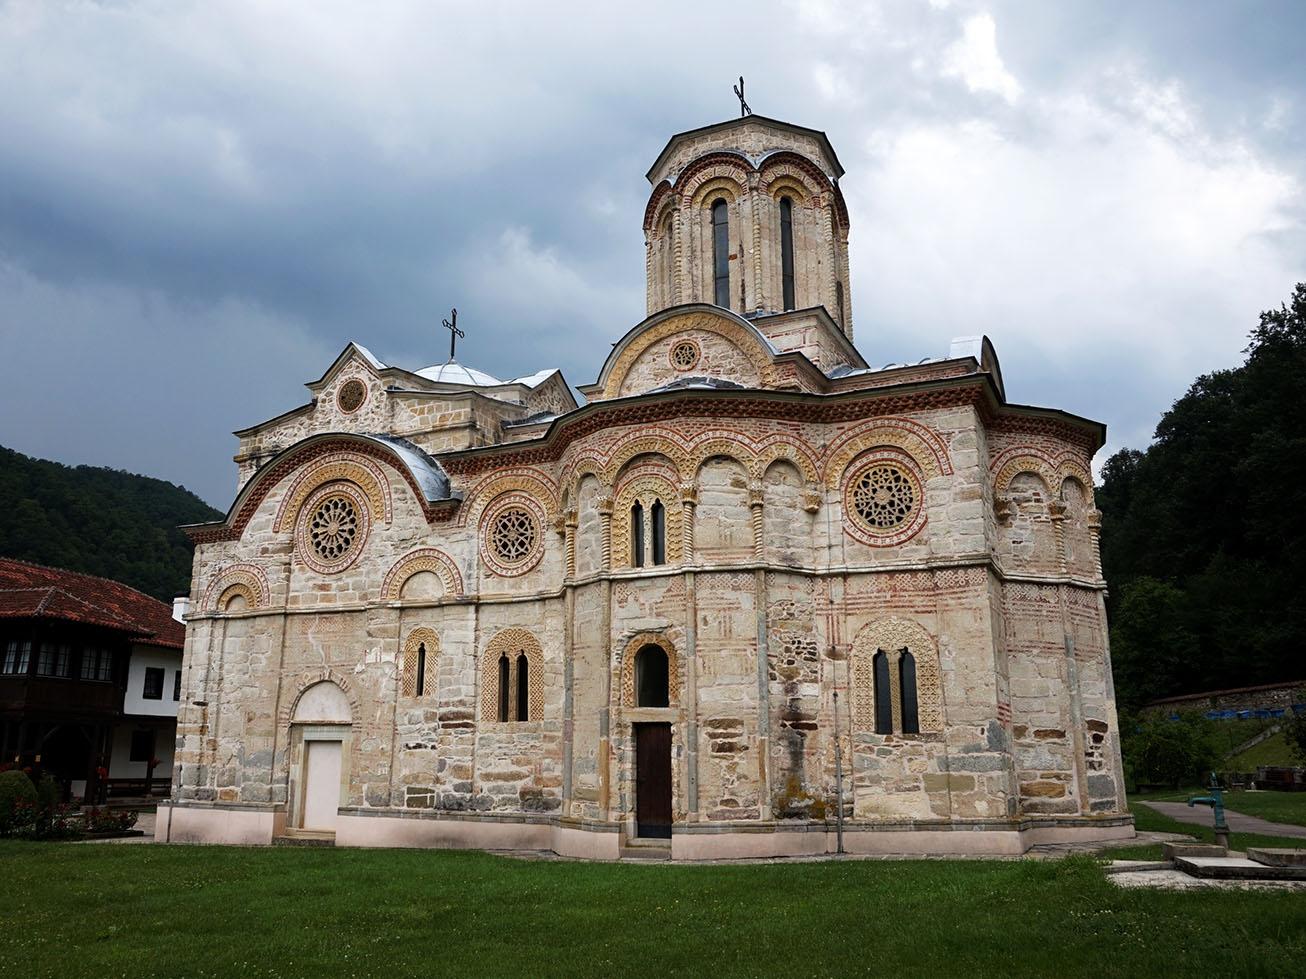 iglesia ortodoxa serbia - Ljubostinja